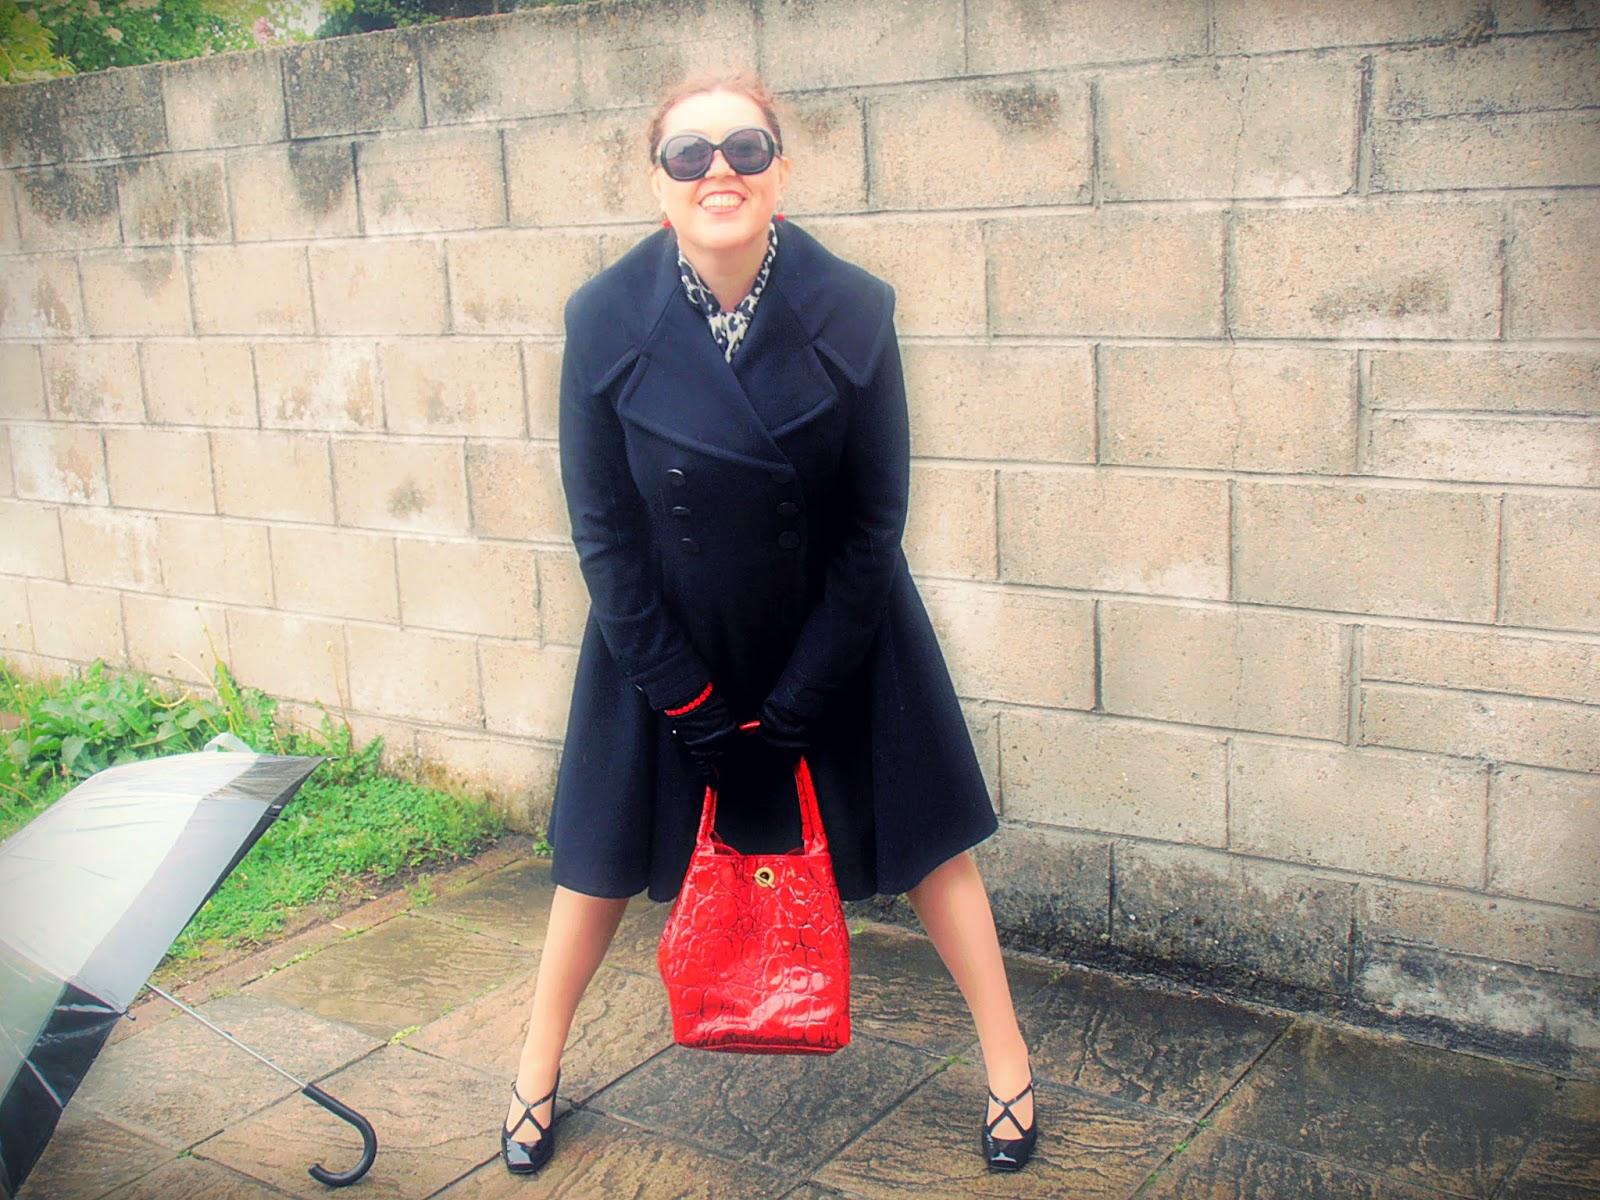 OOTD : Elegancja z płaszczem Orsay, pantofelki Studio Pollini / Elegance with a jacket Orsay, booties Studio Pollini.